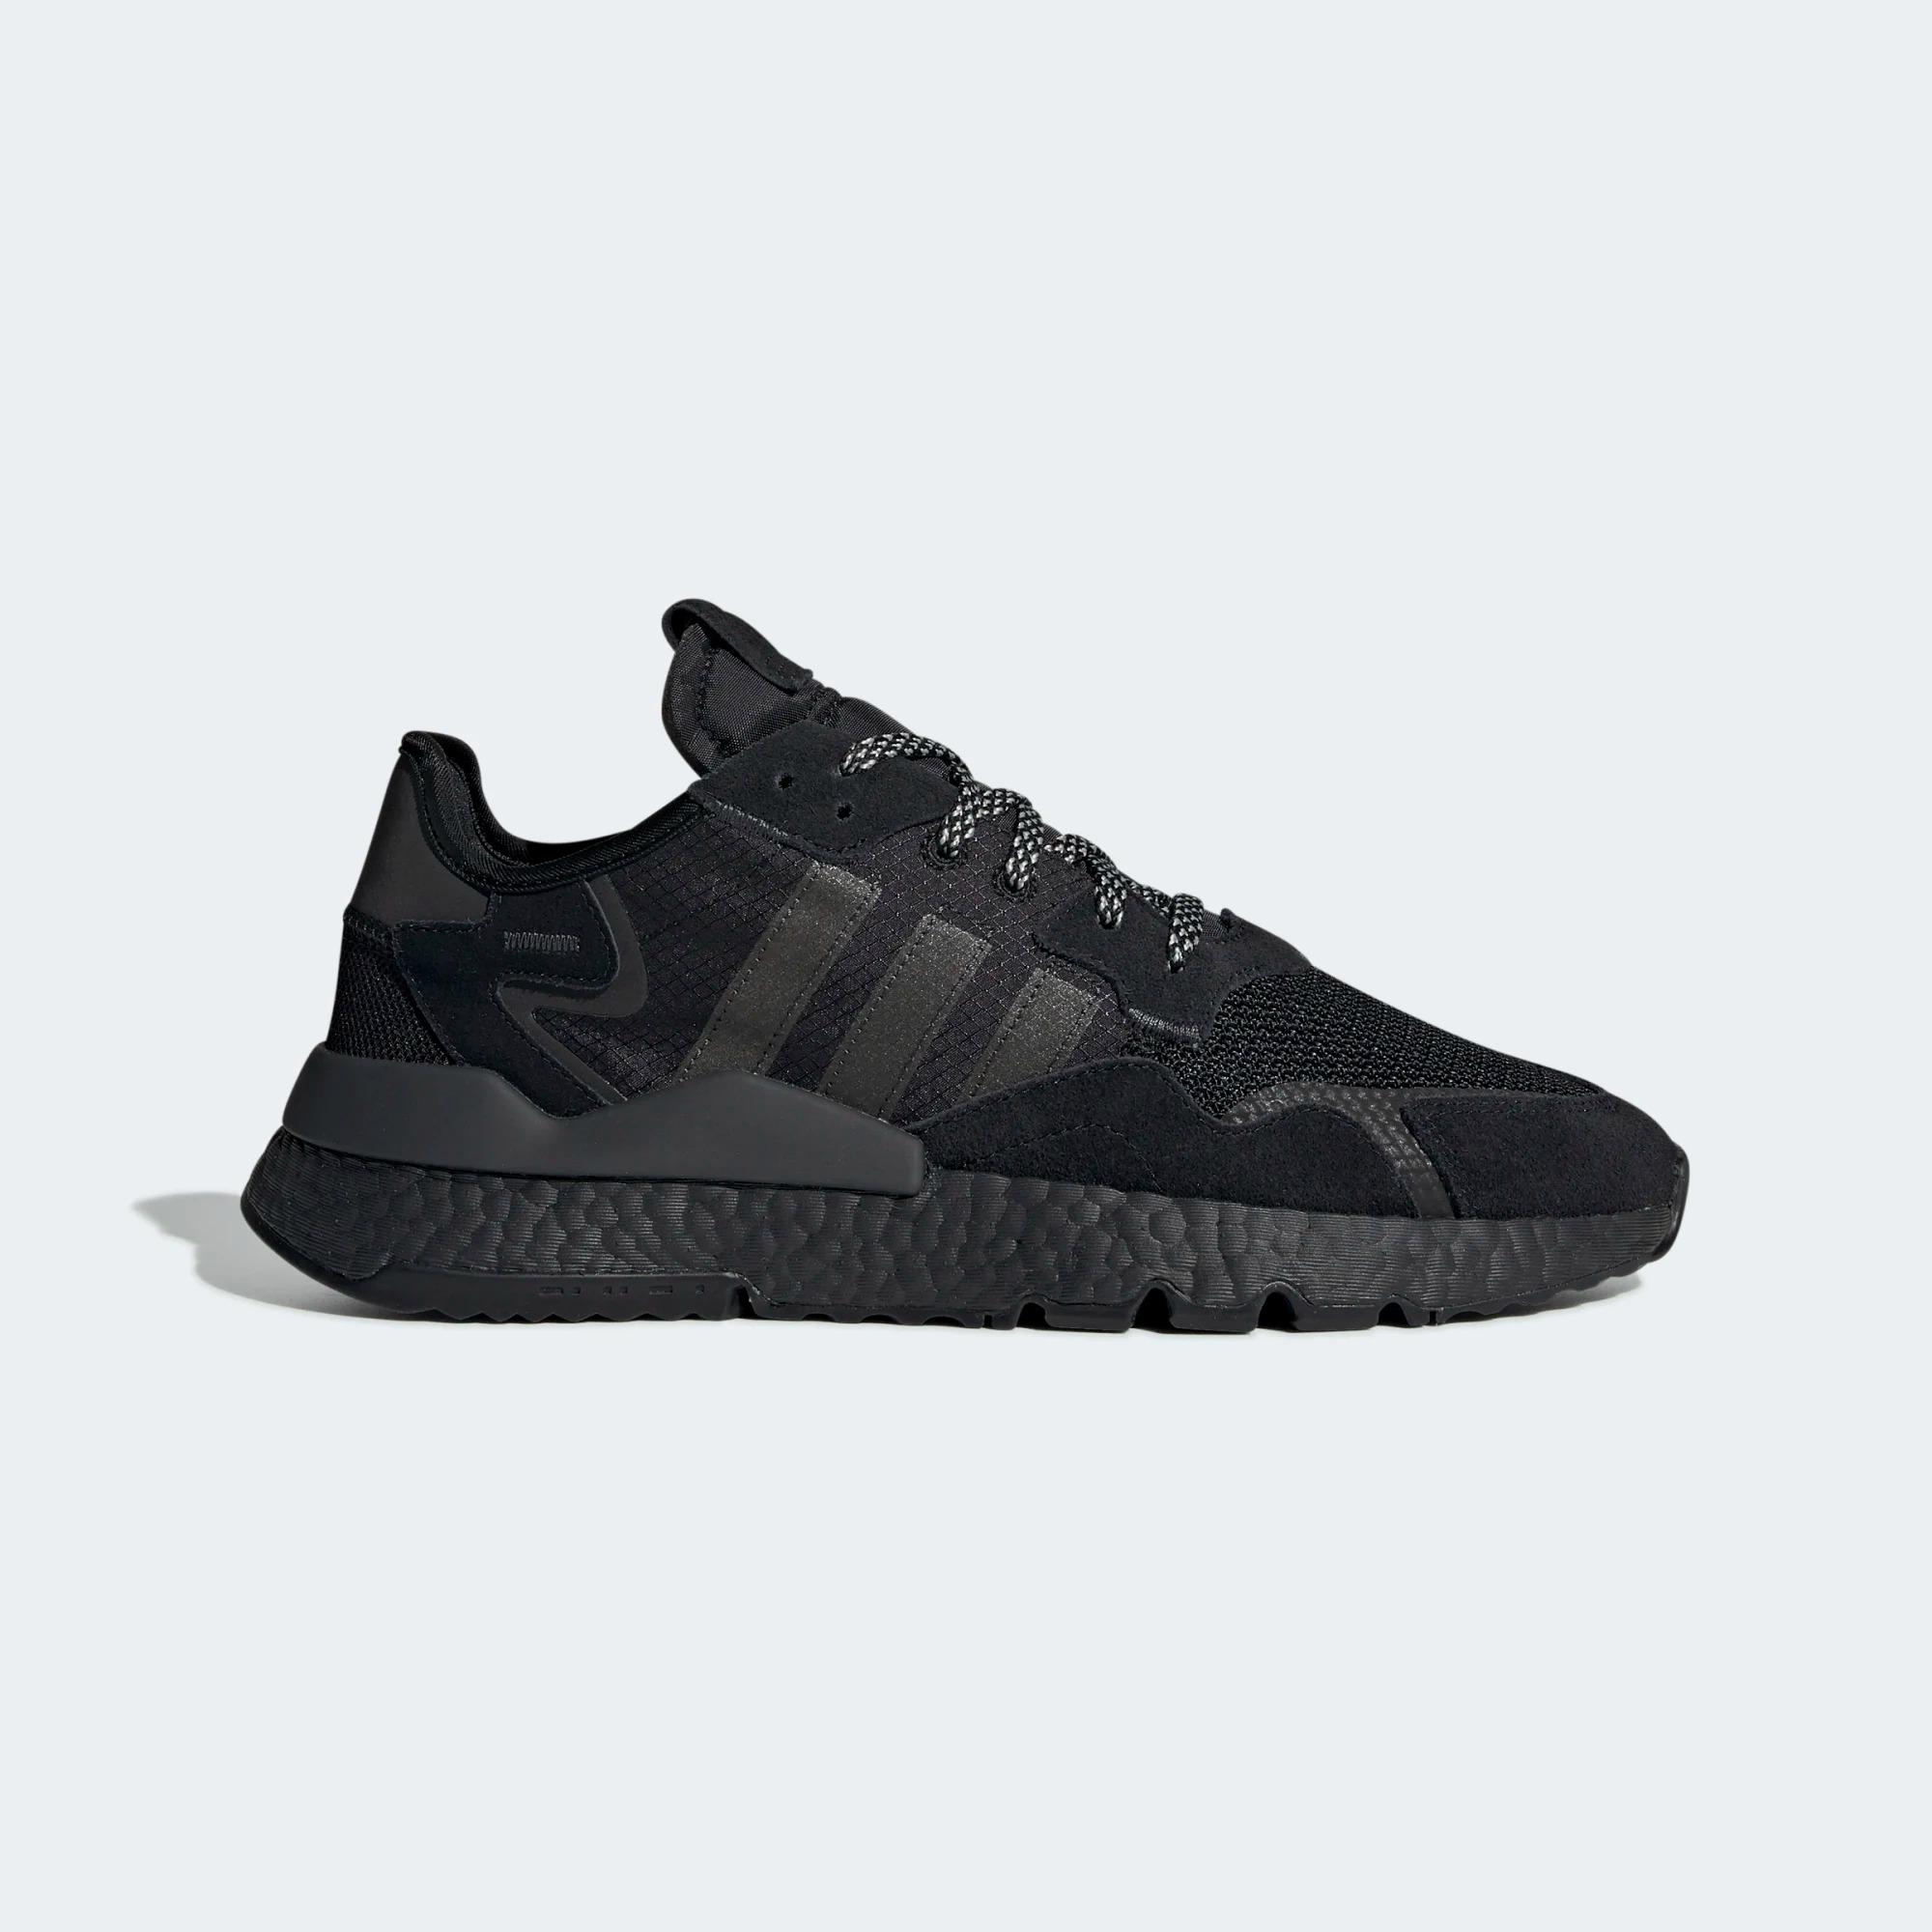 BD7954 adidas Nite Jogger Triple Black 1